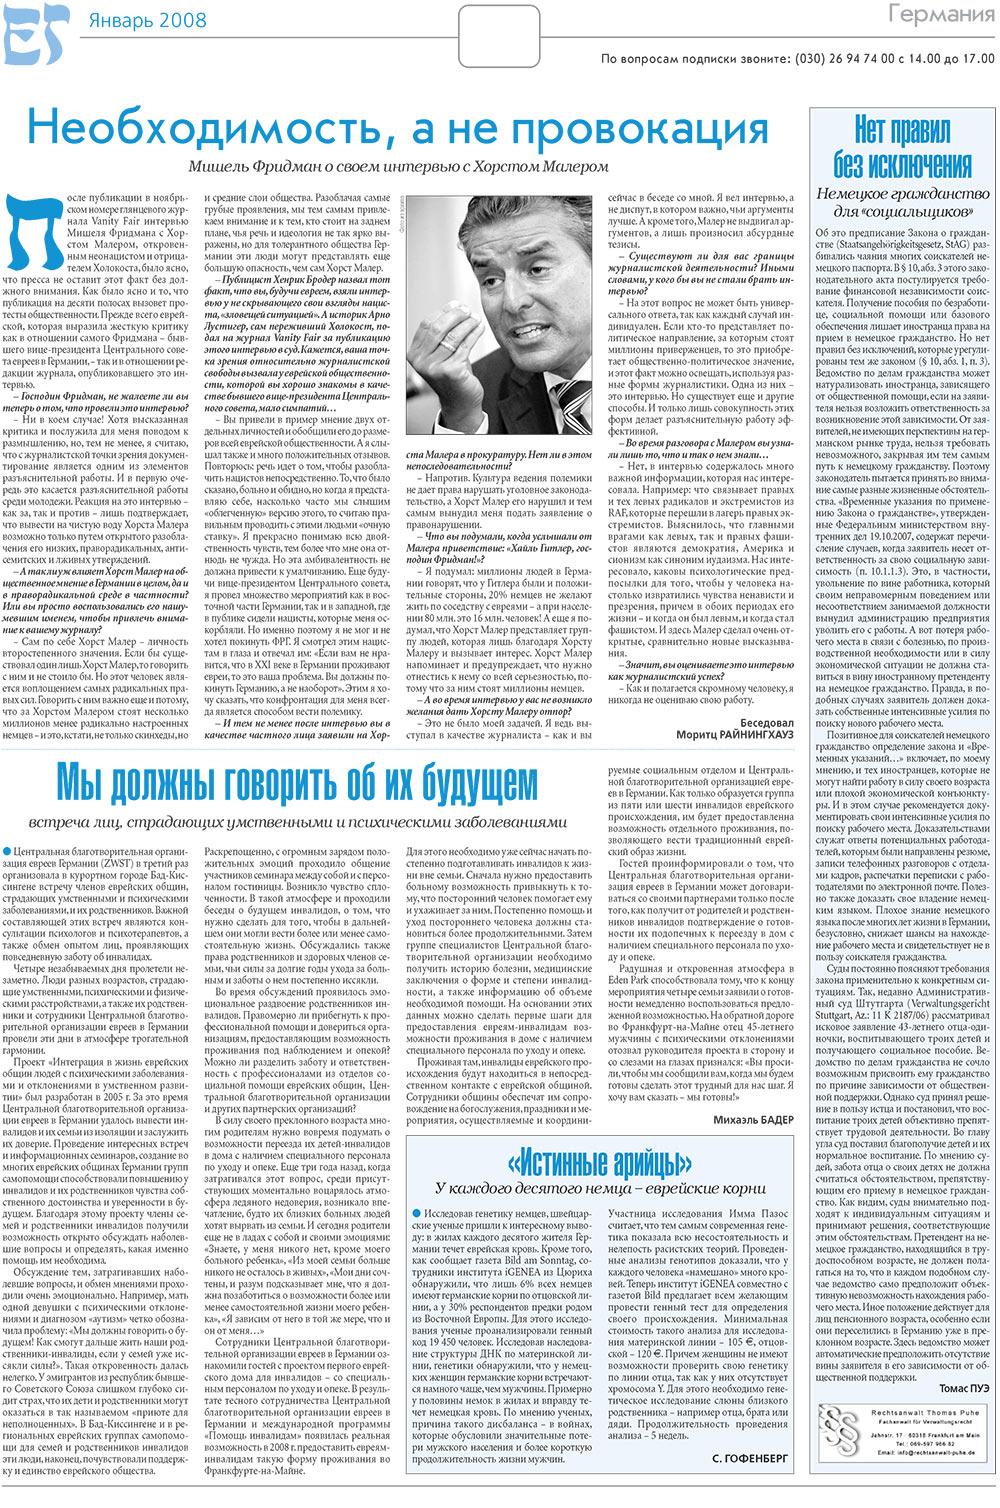 Еврейская газета (газета). 2008 год, номер 1, стр. 3